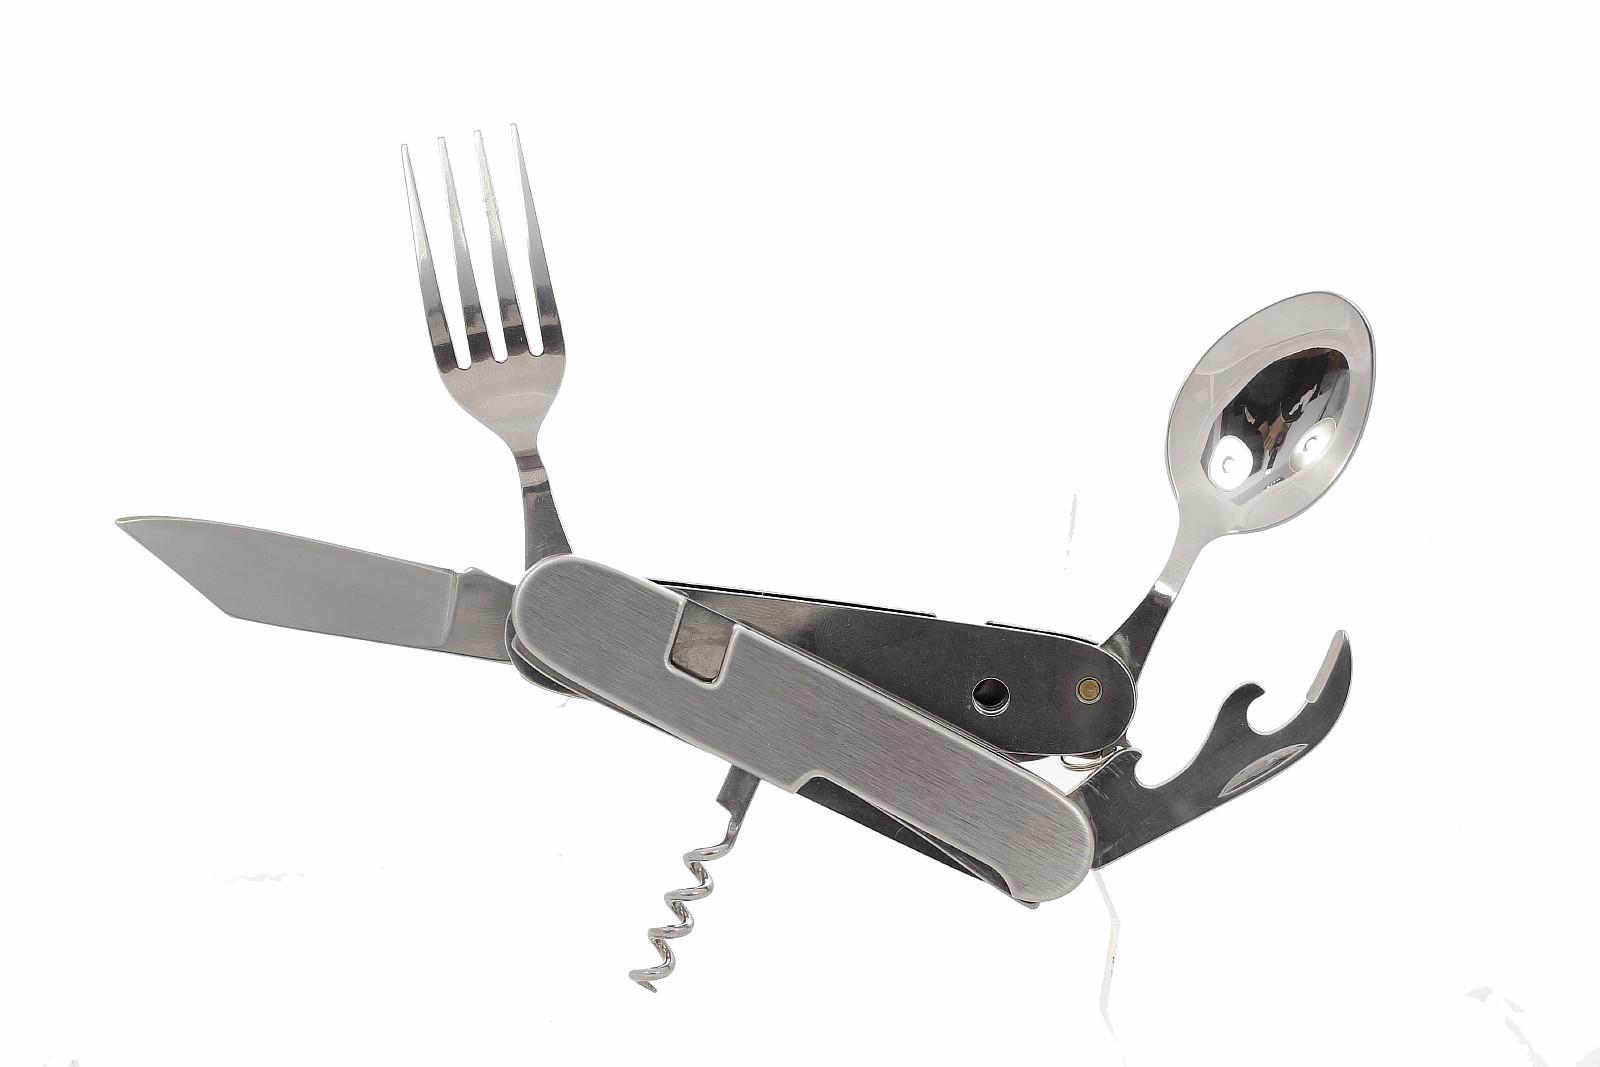 Многофункциональный походный нож 7-в-1 A106 G мейл питер французские уроки путешествие с ножом вилкой и штопором